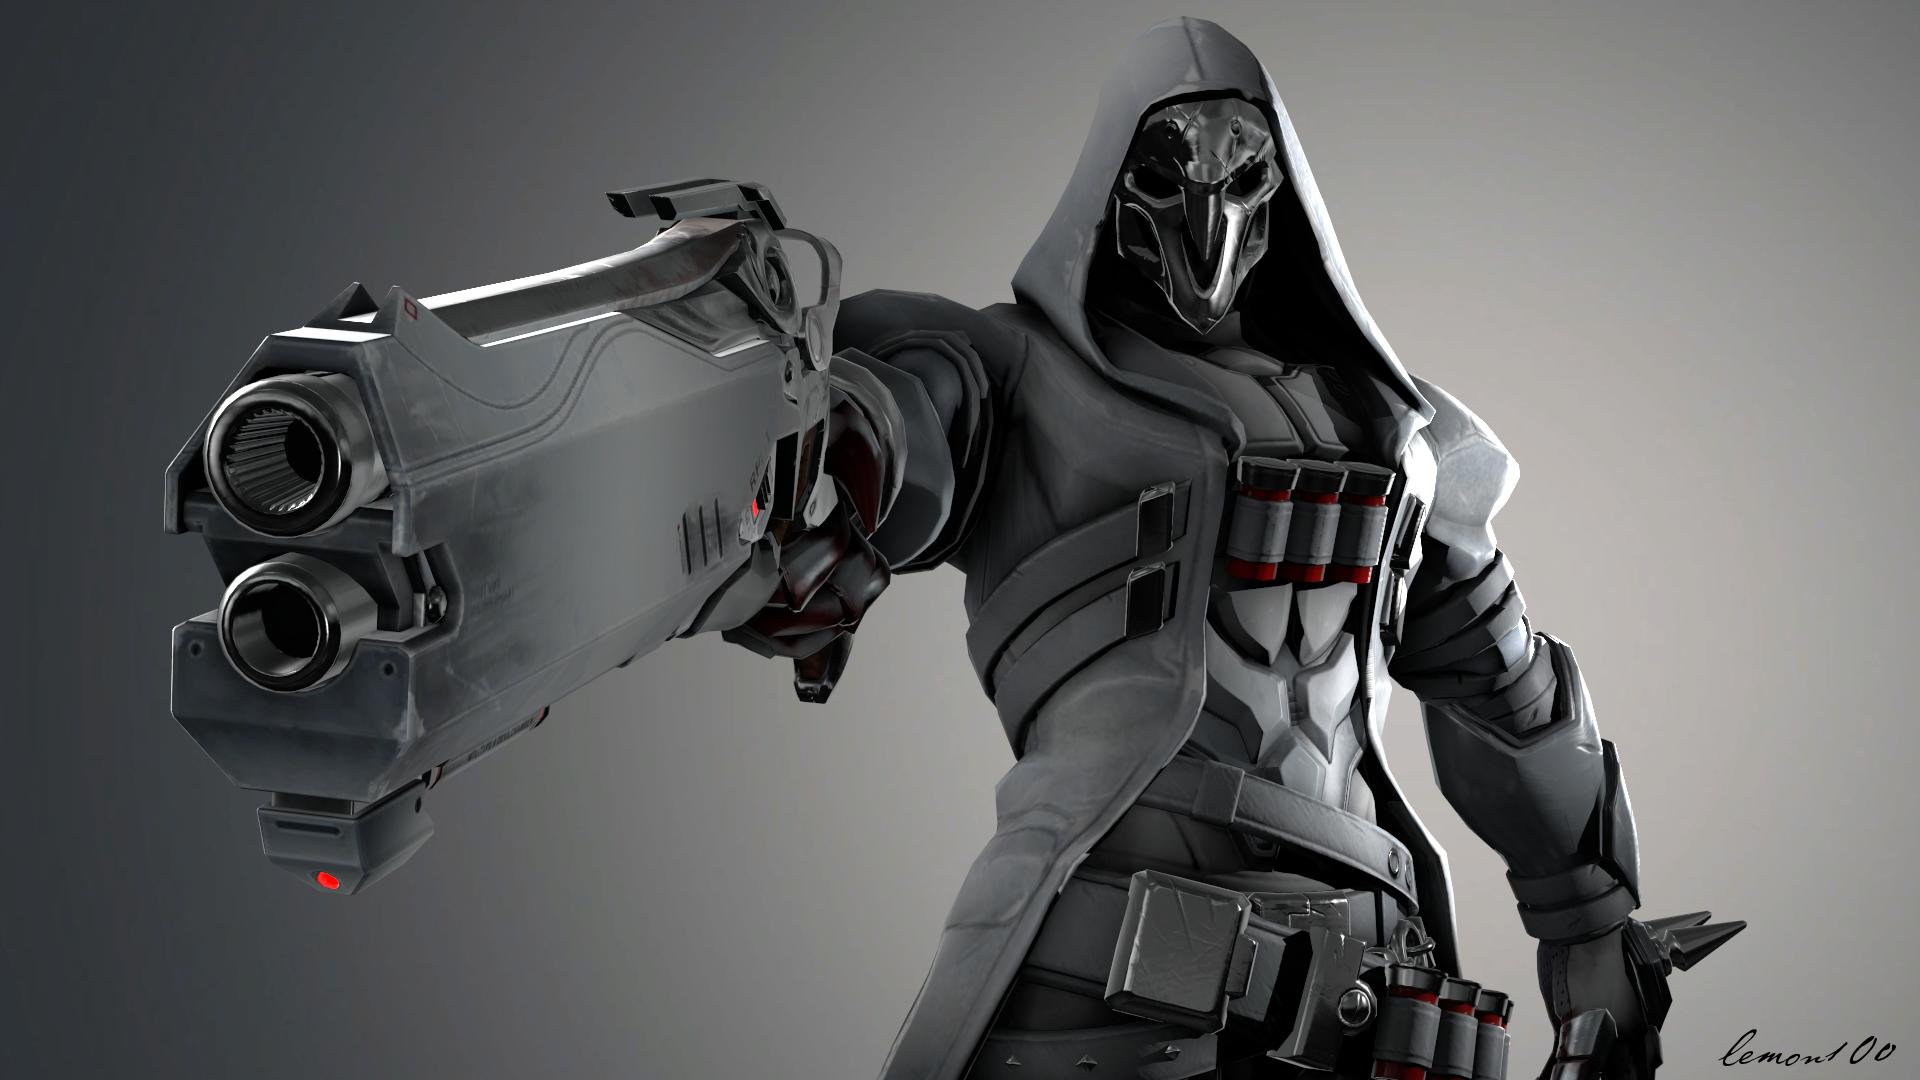 desktop wallpaper reaper overwatch hd image picture background